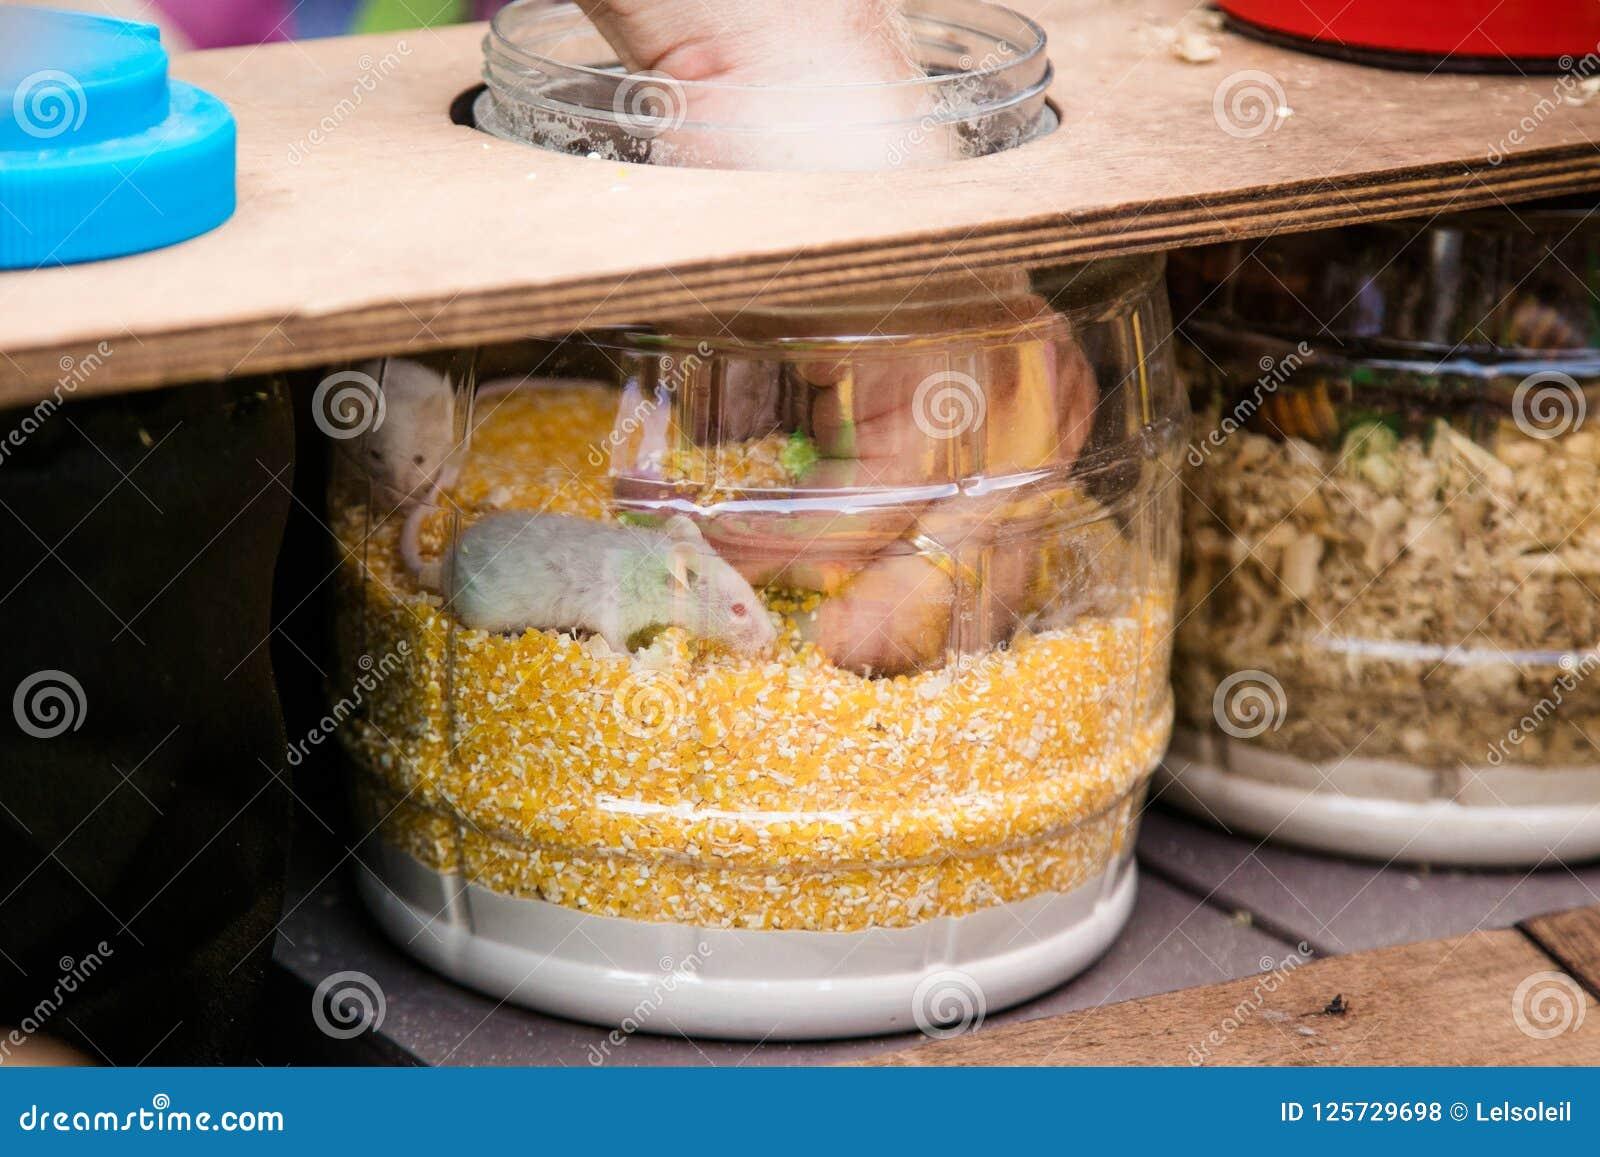 Βάζο με τις σφαίρες και mouses και το ανθρώπινο χέρι που βρίσκουν κάτι Αναζήτηση παιχνιδιών για τα παιδιά και τους ενηλίκους